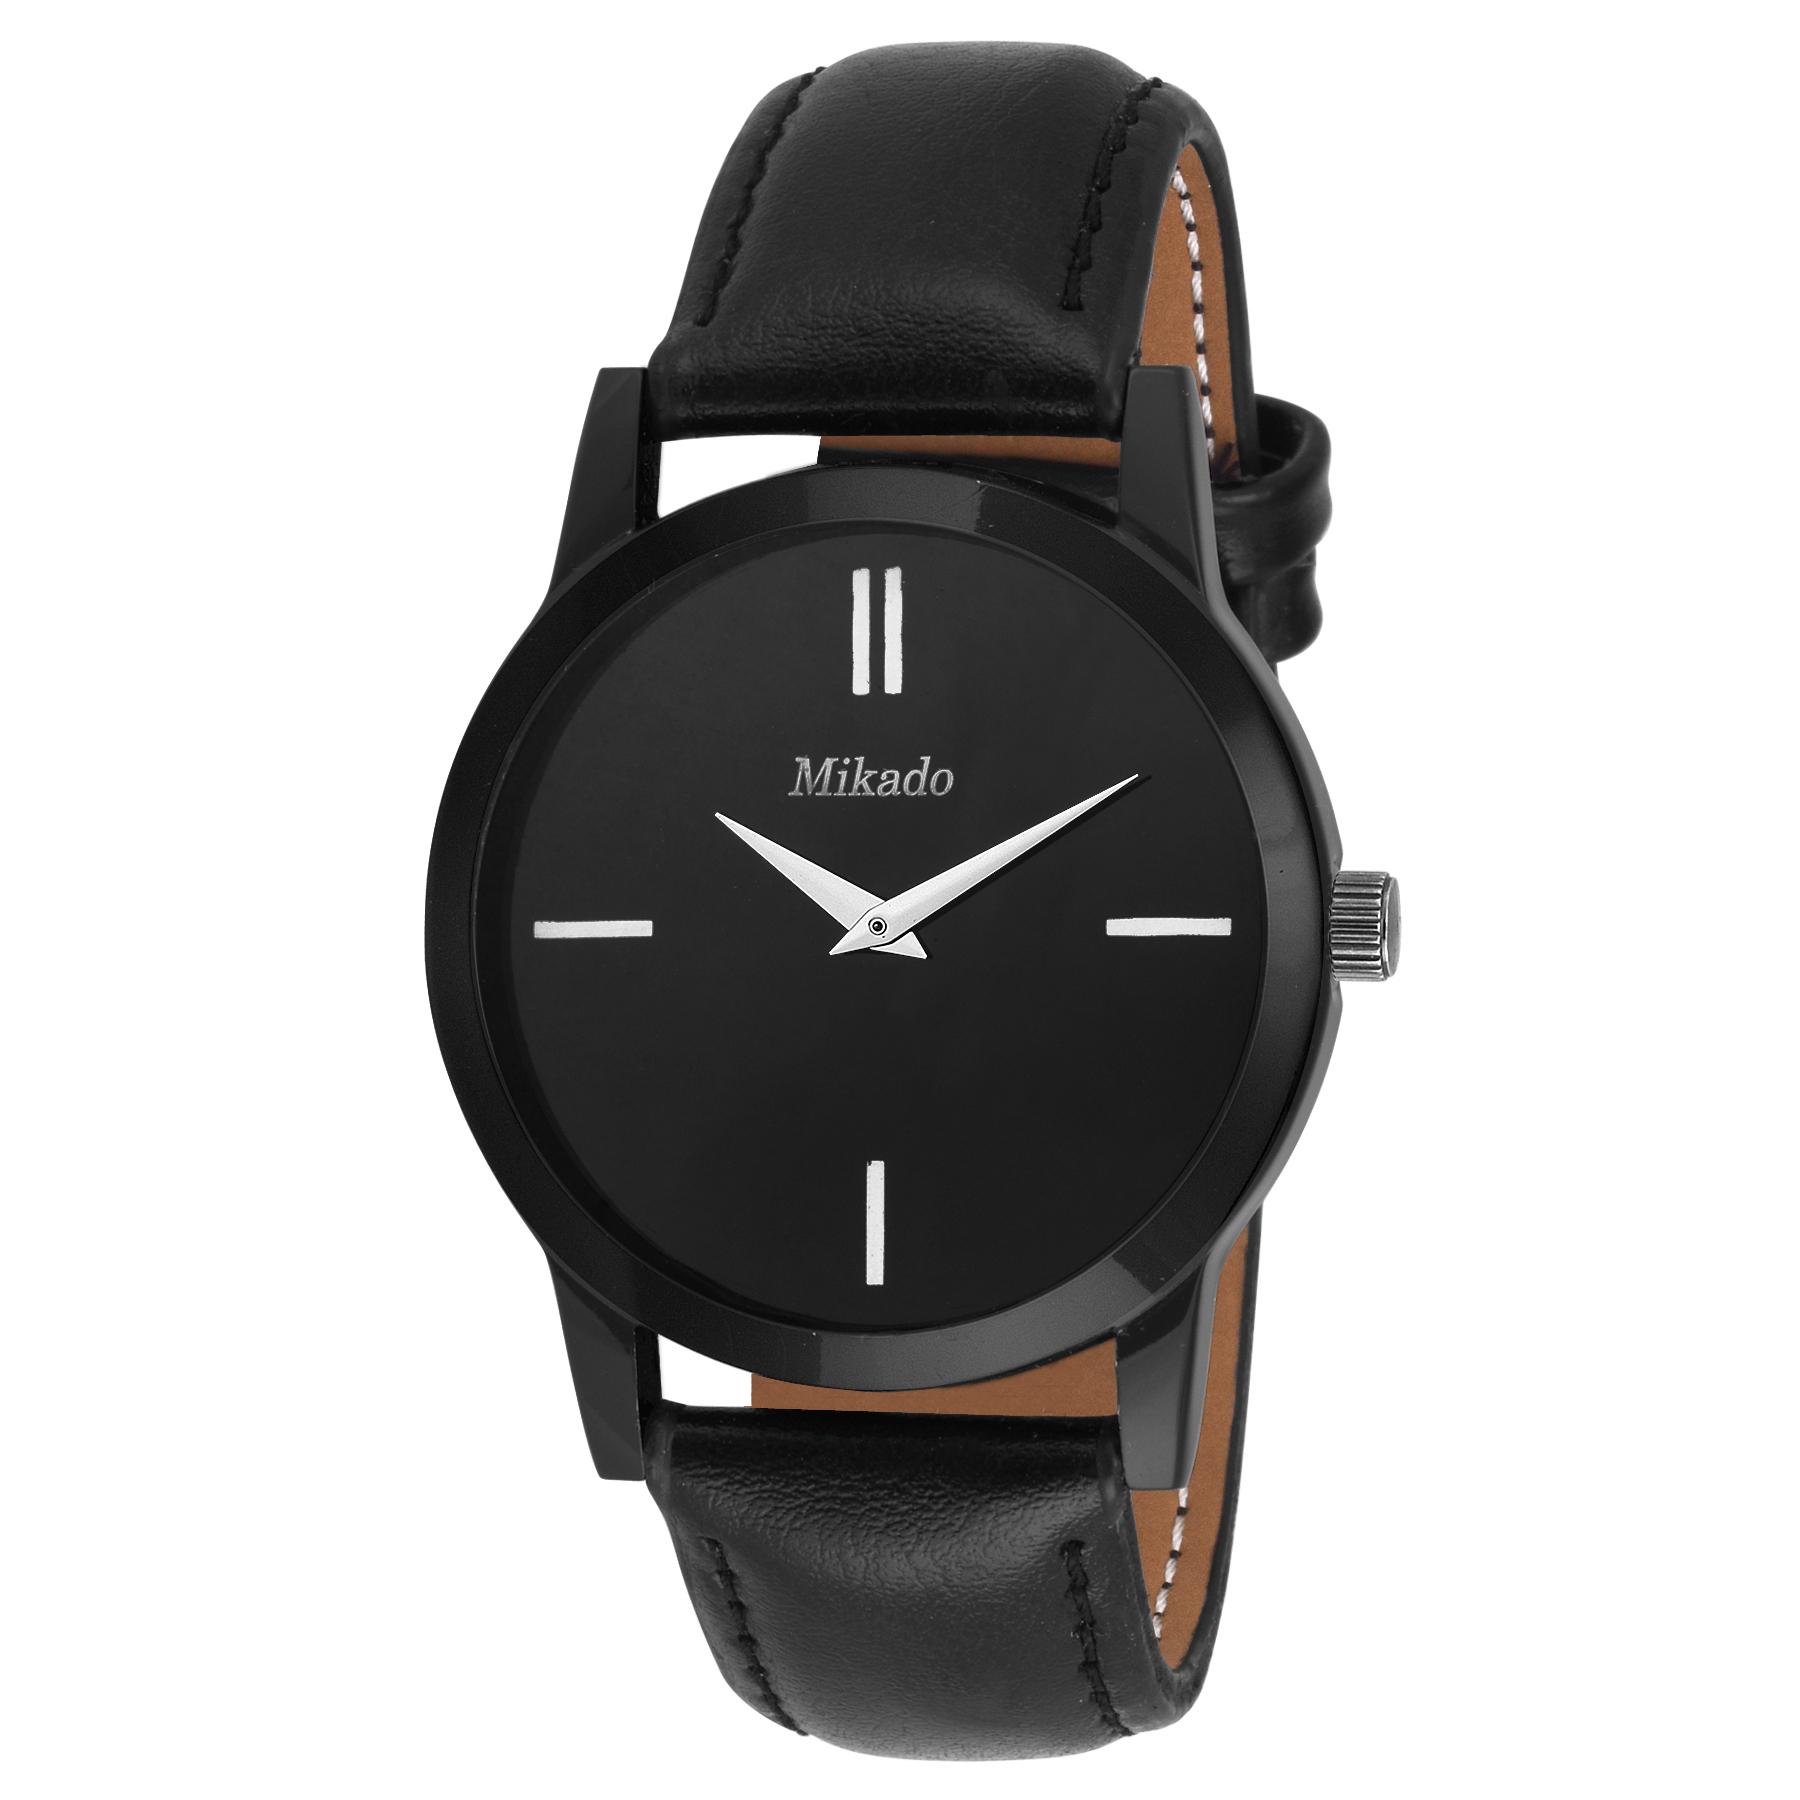 Mikado Stylish Black Slim Analog Men's Watch